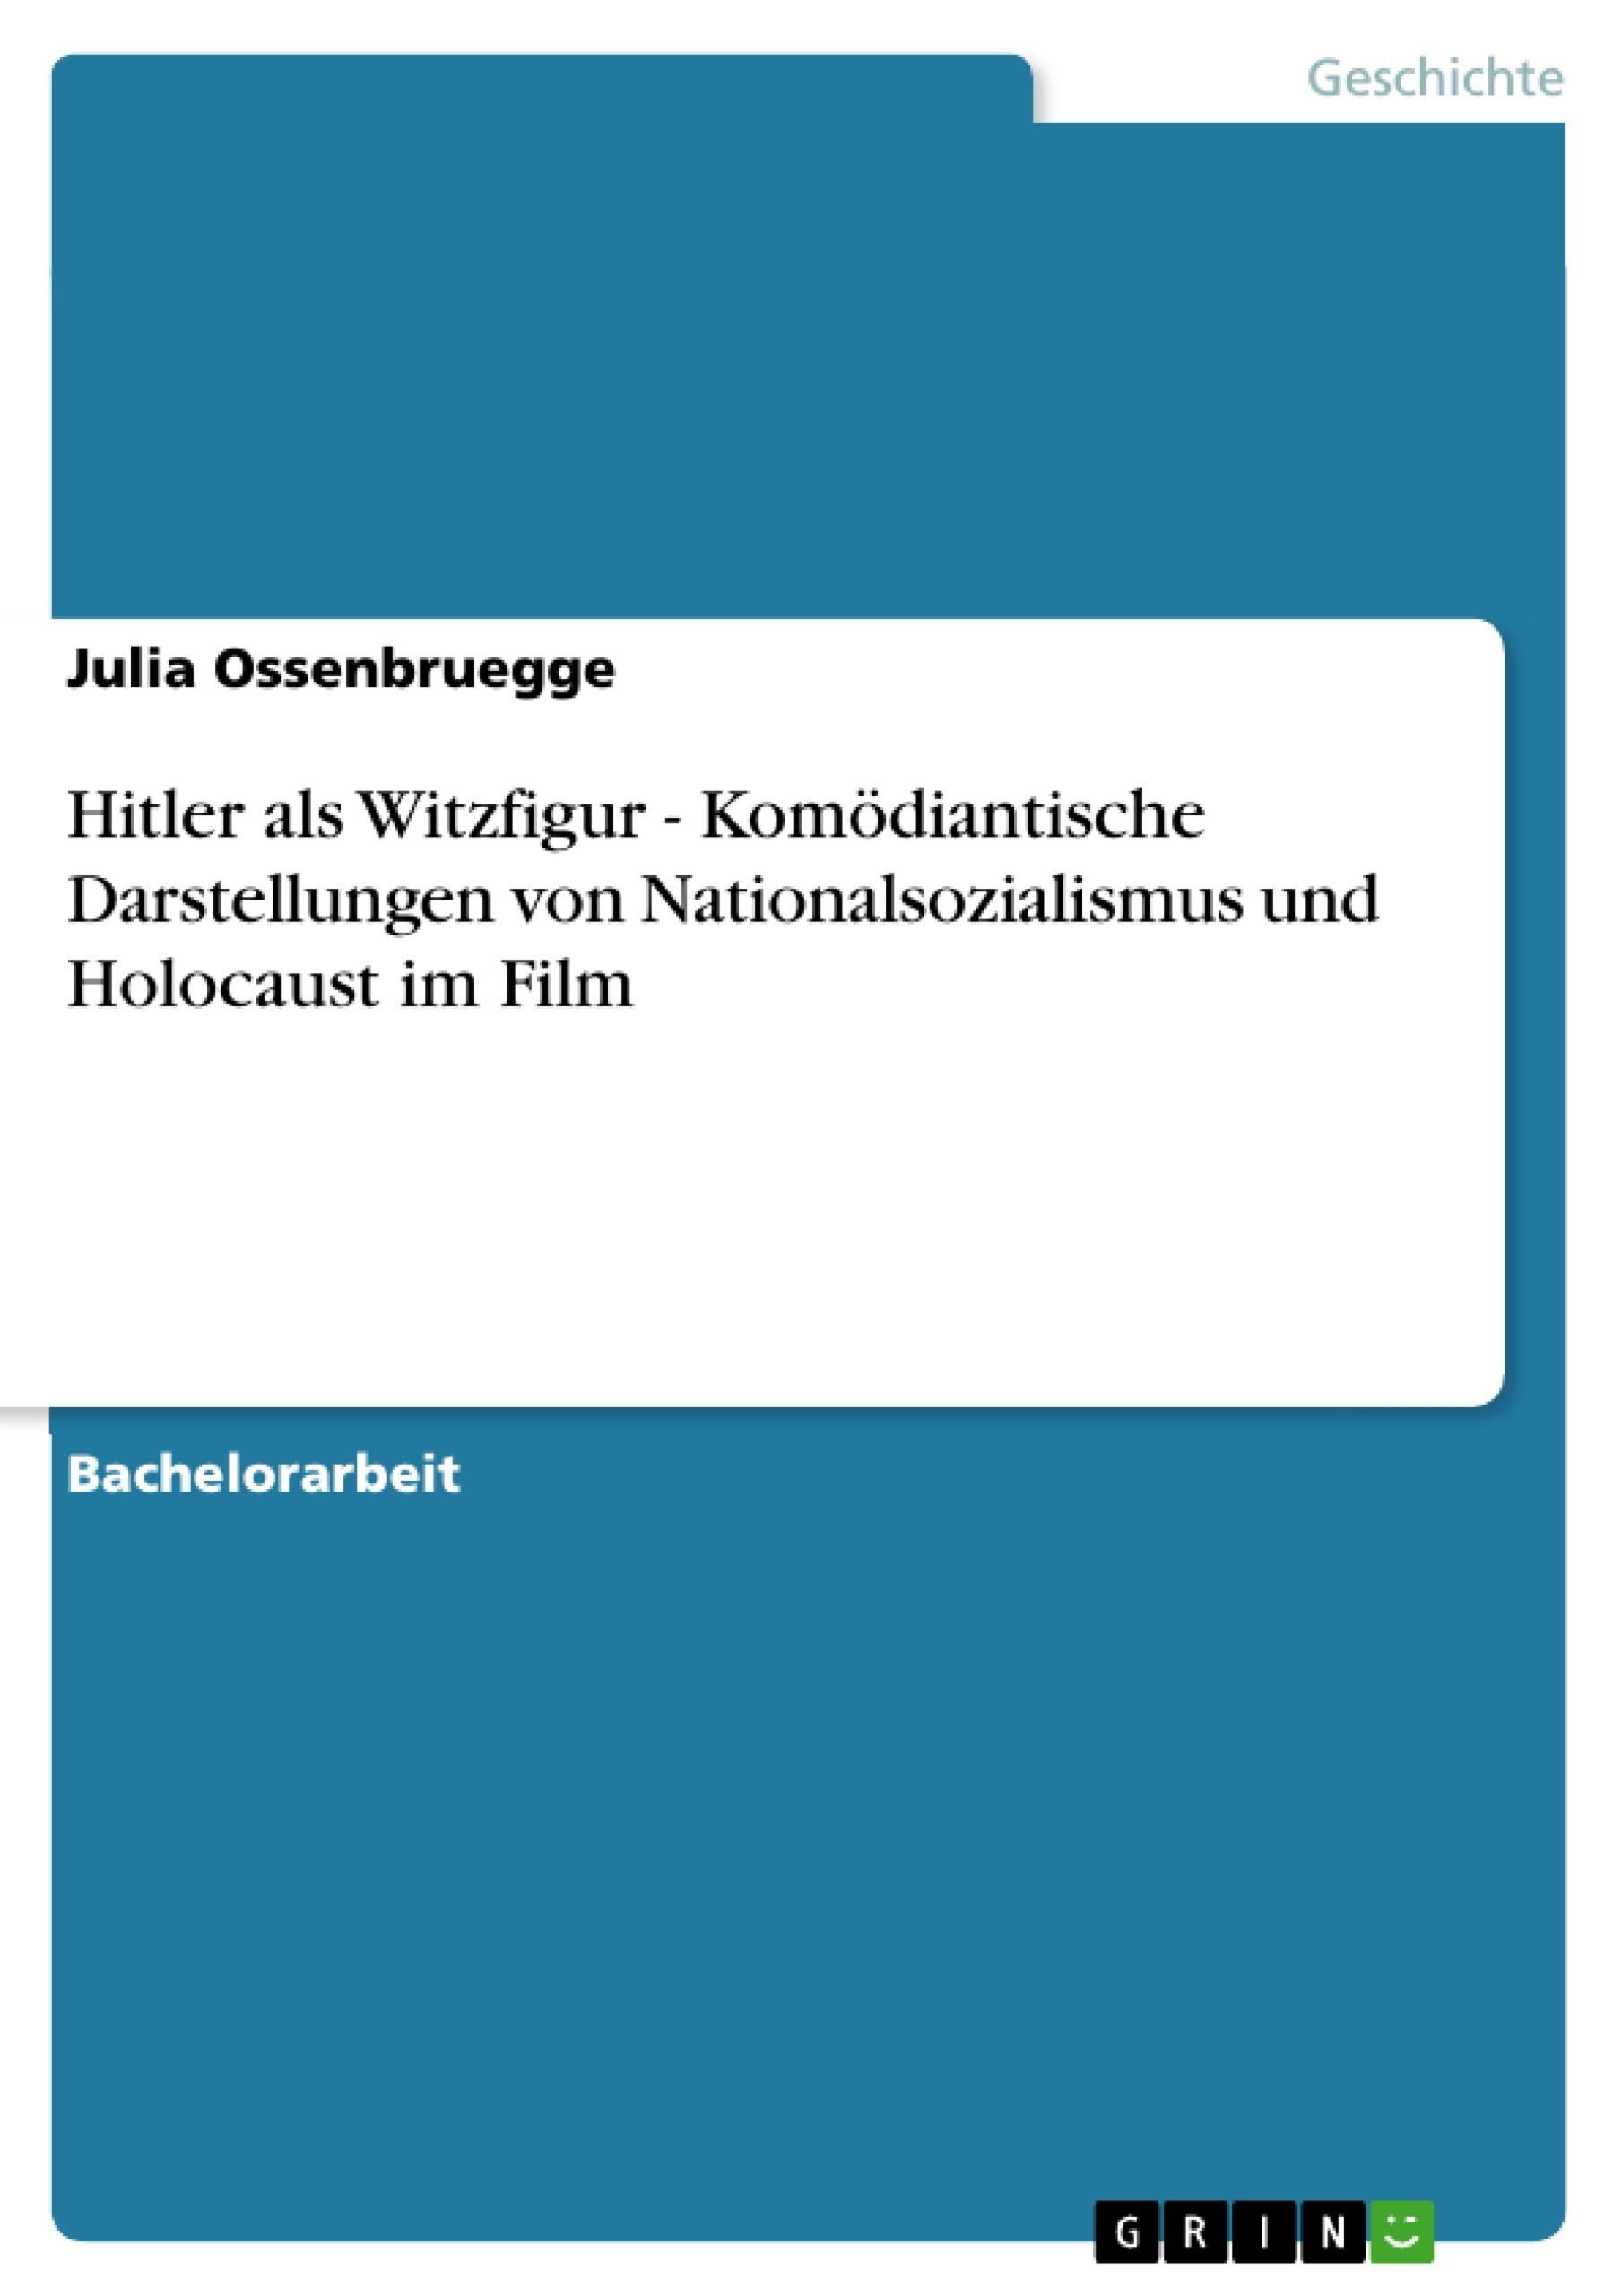 Titel: Hitler als Witzfigur - Komödiantische Darstellungen von Nationalsozialismus und Holocaust im Film